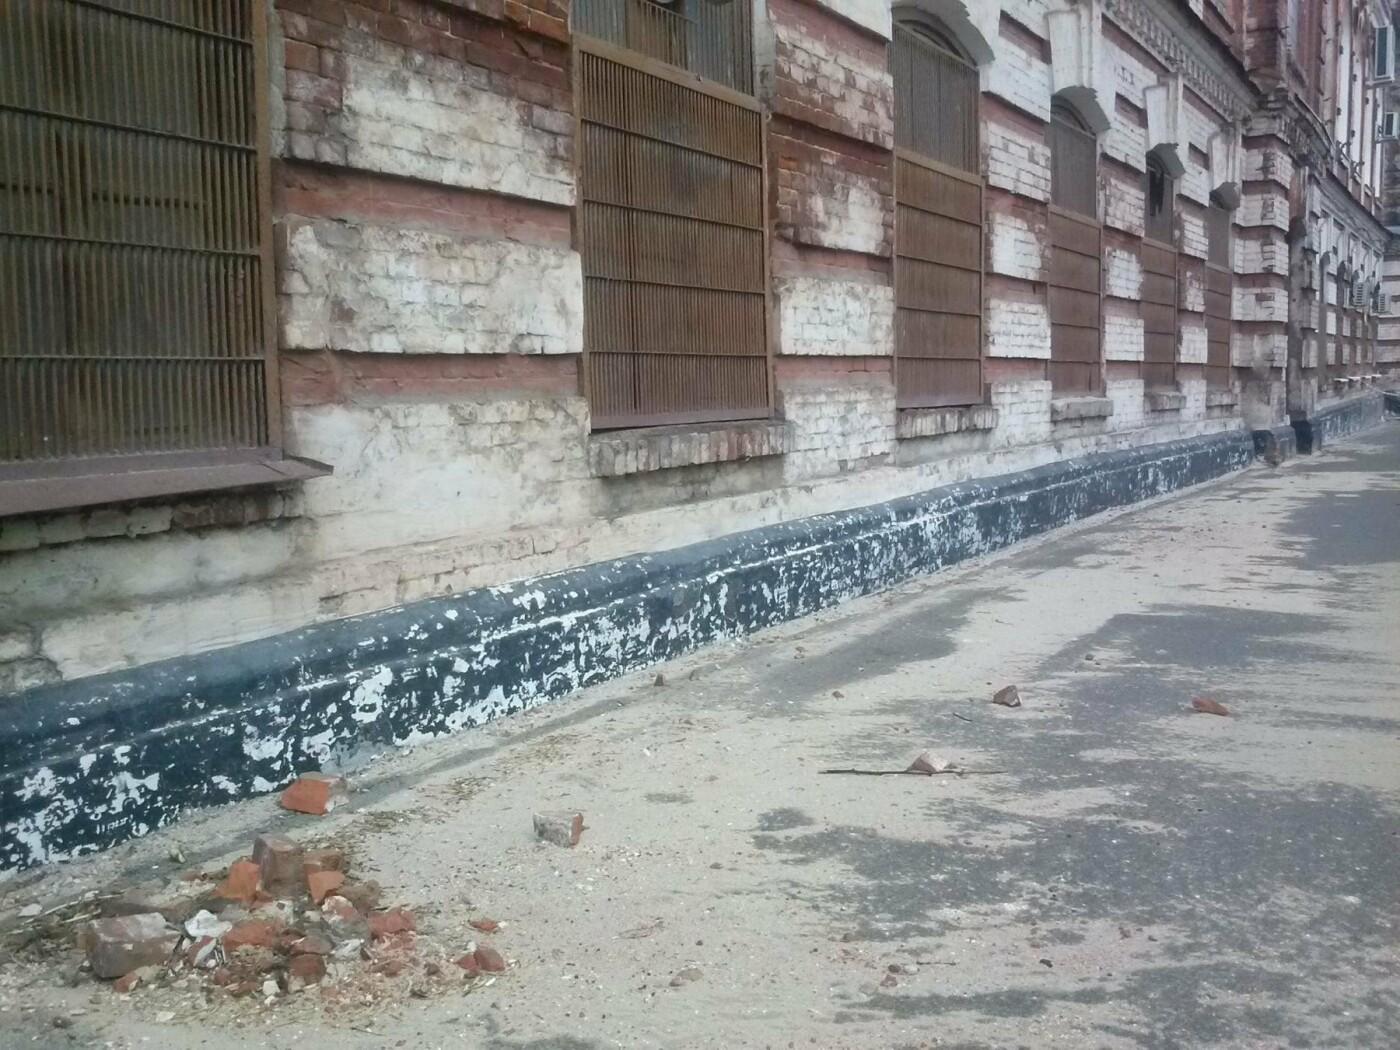 В Тамбове разваливаются памятники культуры, фото-1